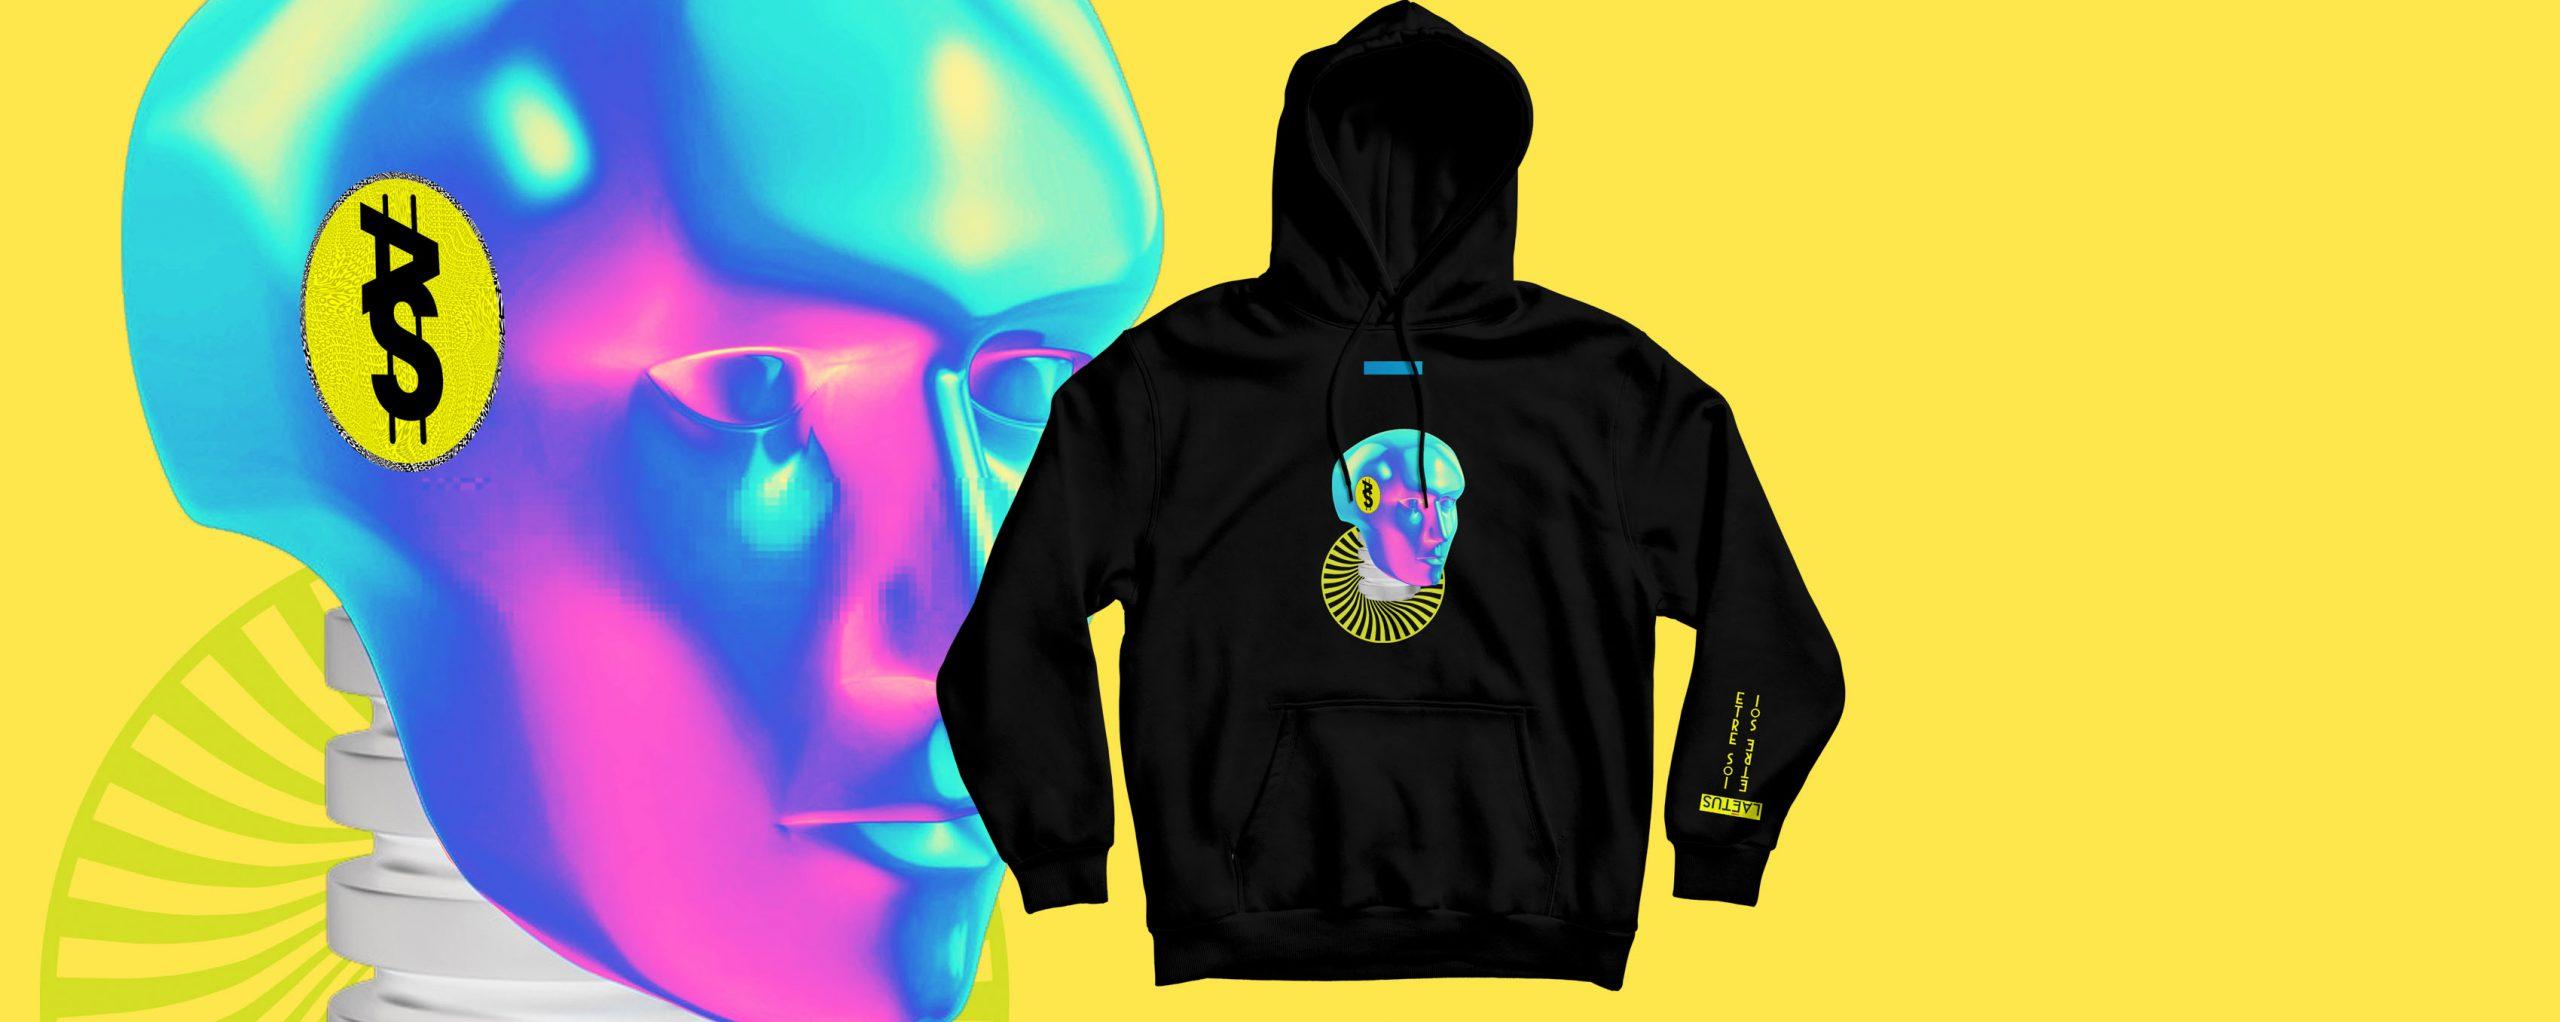 You are currently viewing Créer sa marque de vêtement Streetwear de zéro (Part 1/2) : notre retour d'expérience du hoodie CRASH157